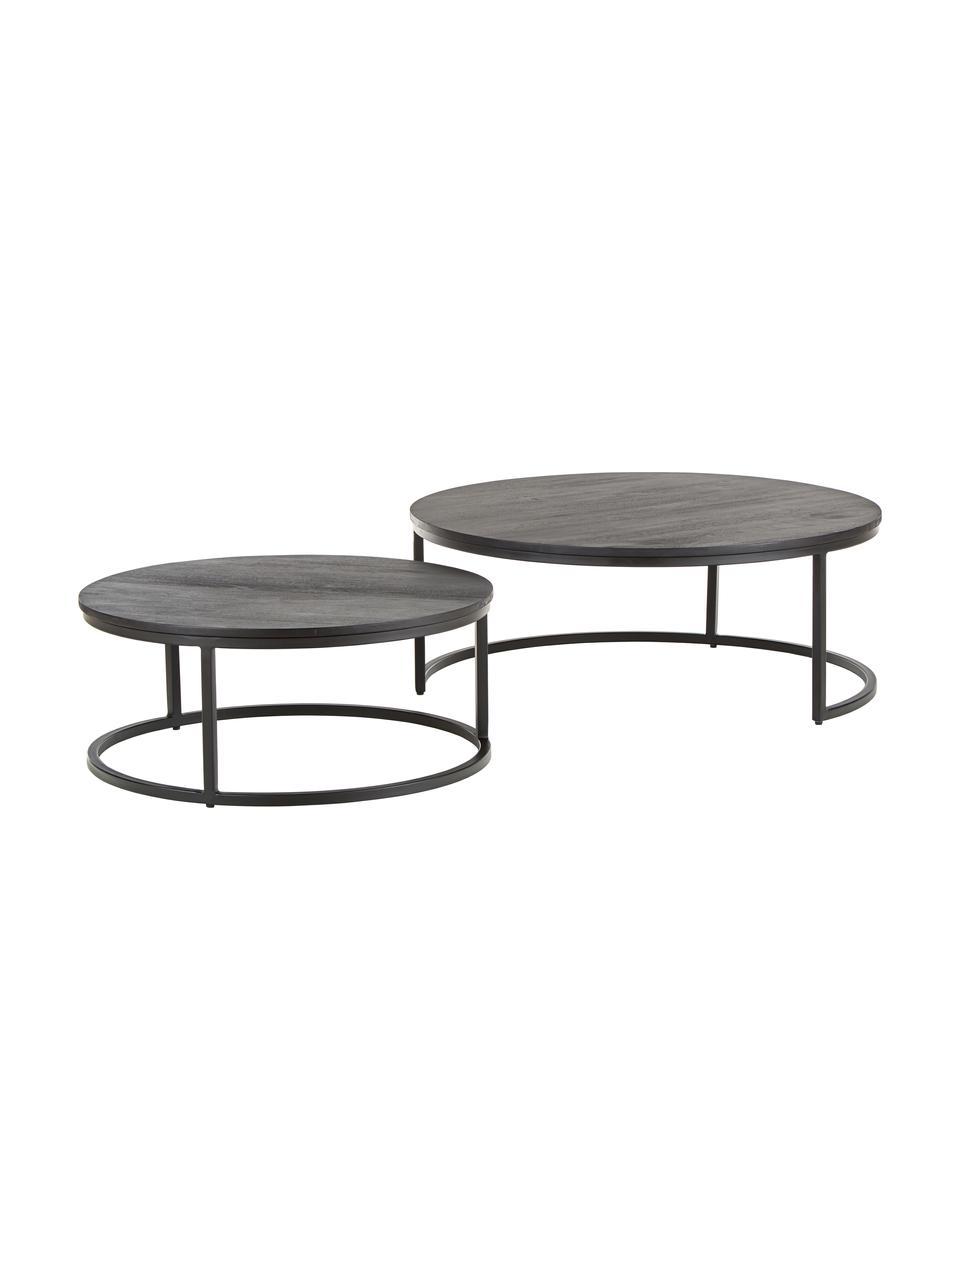 Table gigogne noire en manguier Andrew, 2élém., Plateau: bois de manguier, noir laqué Support: noir, mat